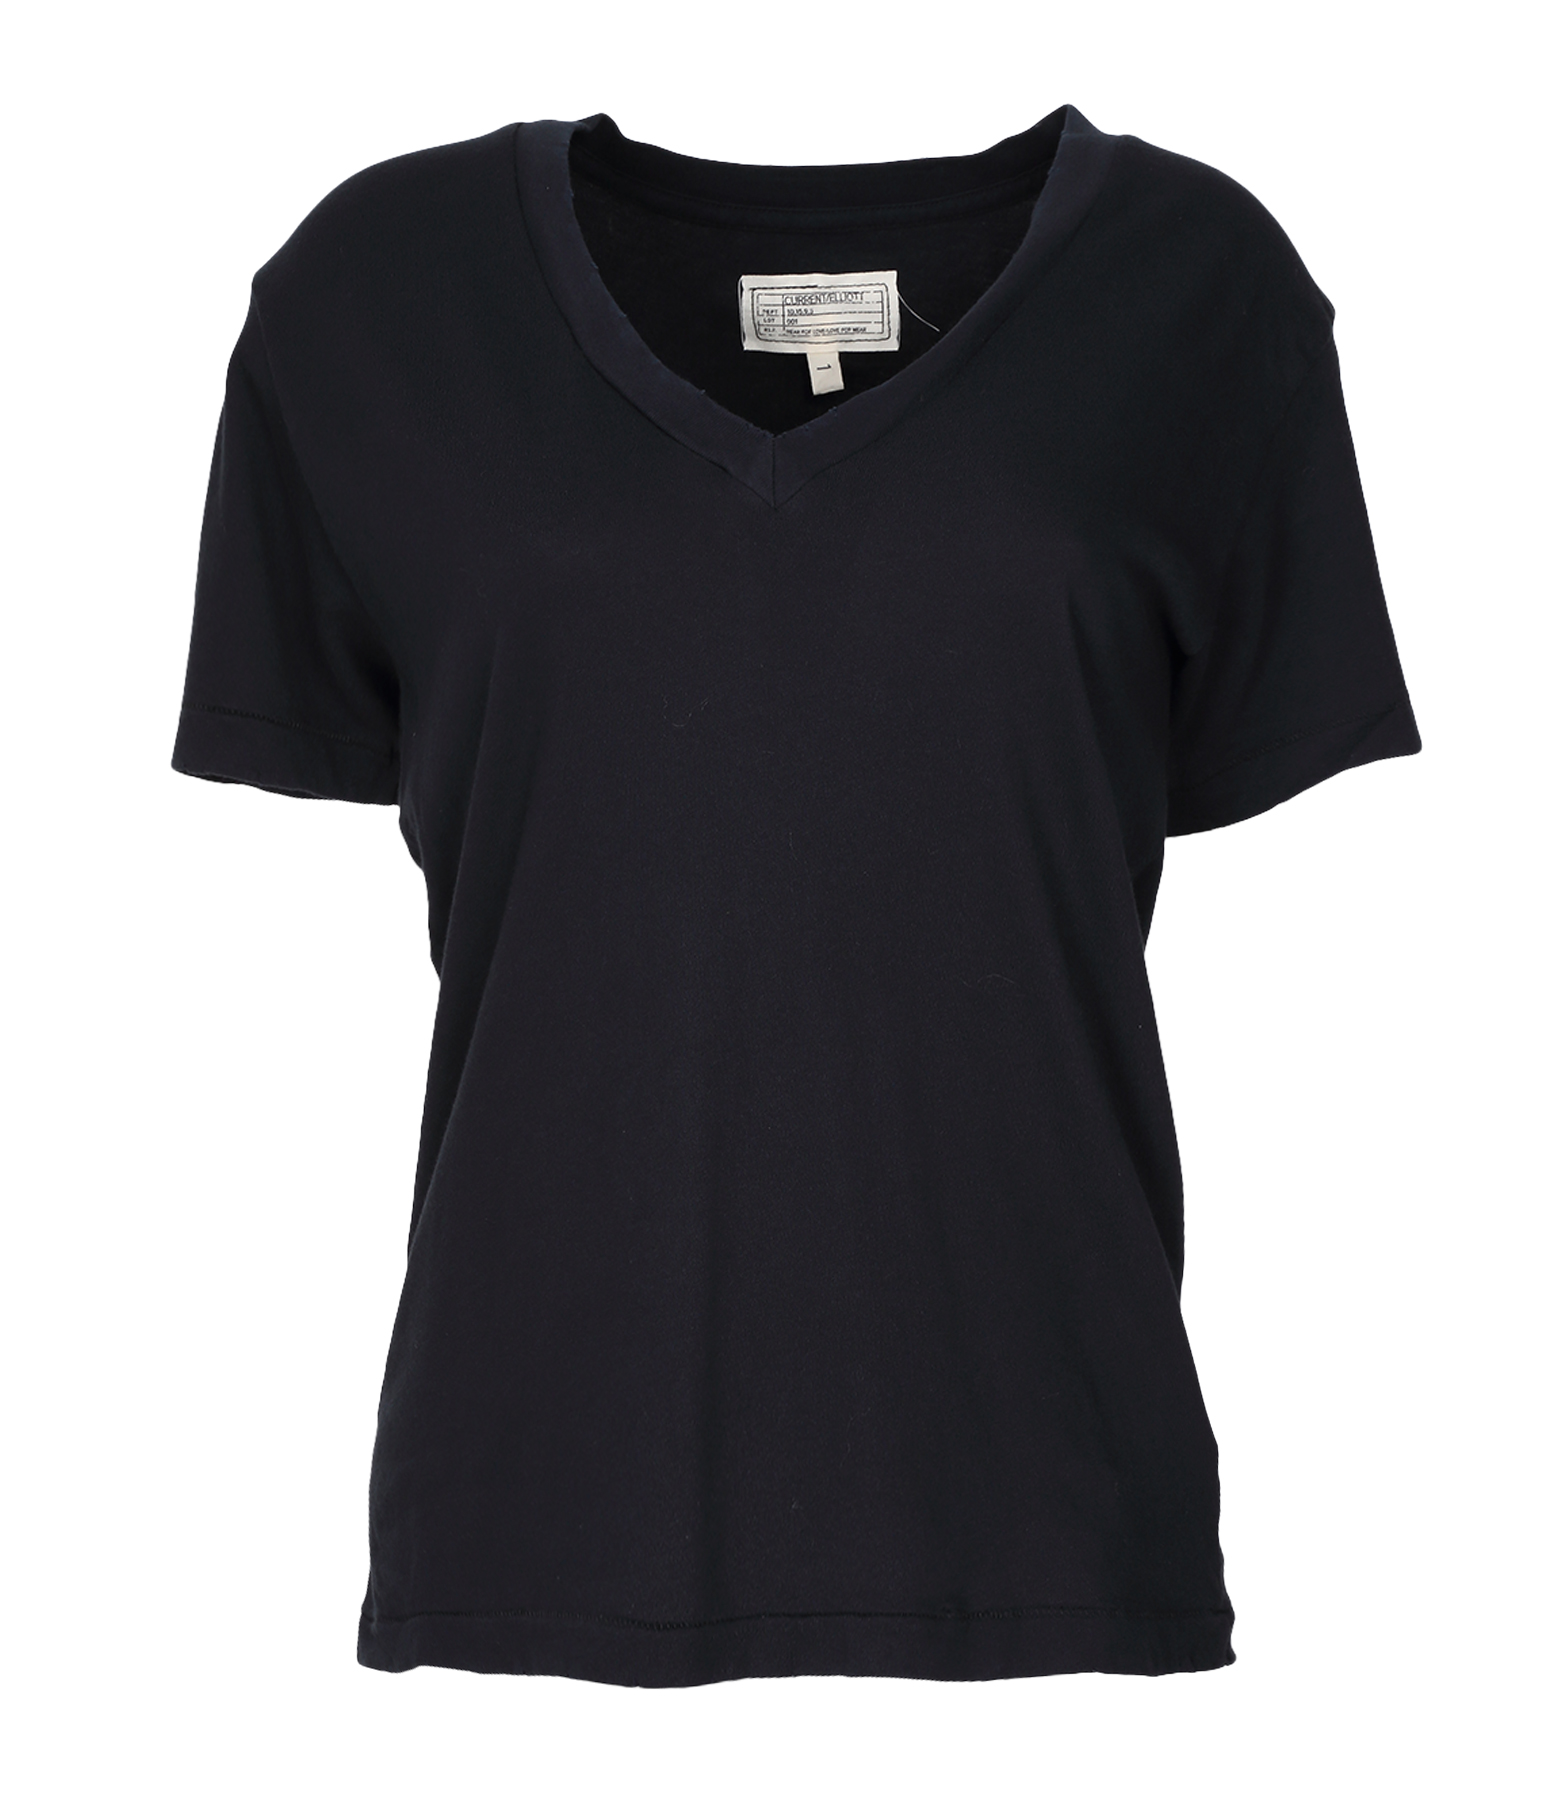 Tee-shirt The V Neck Black Beauty